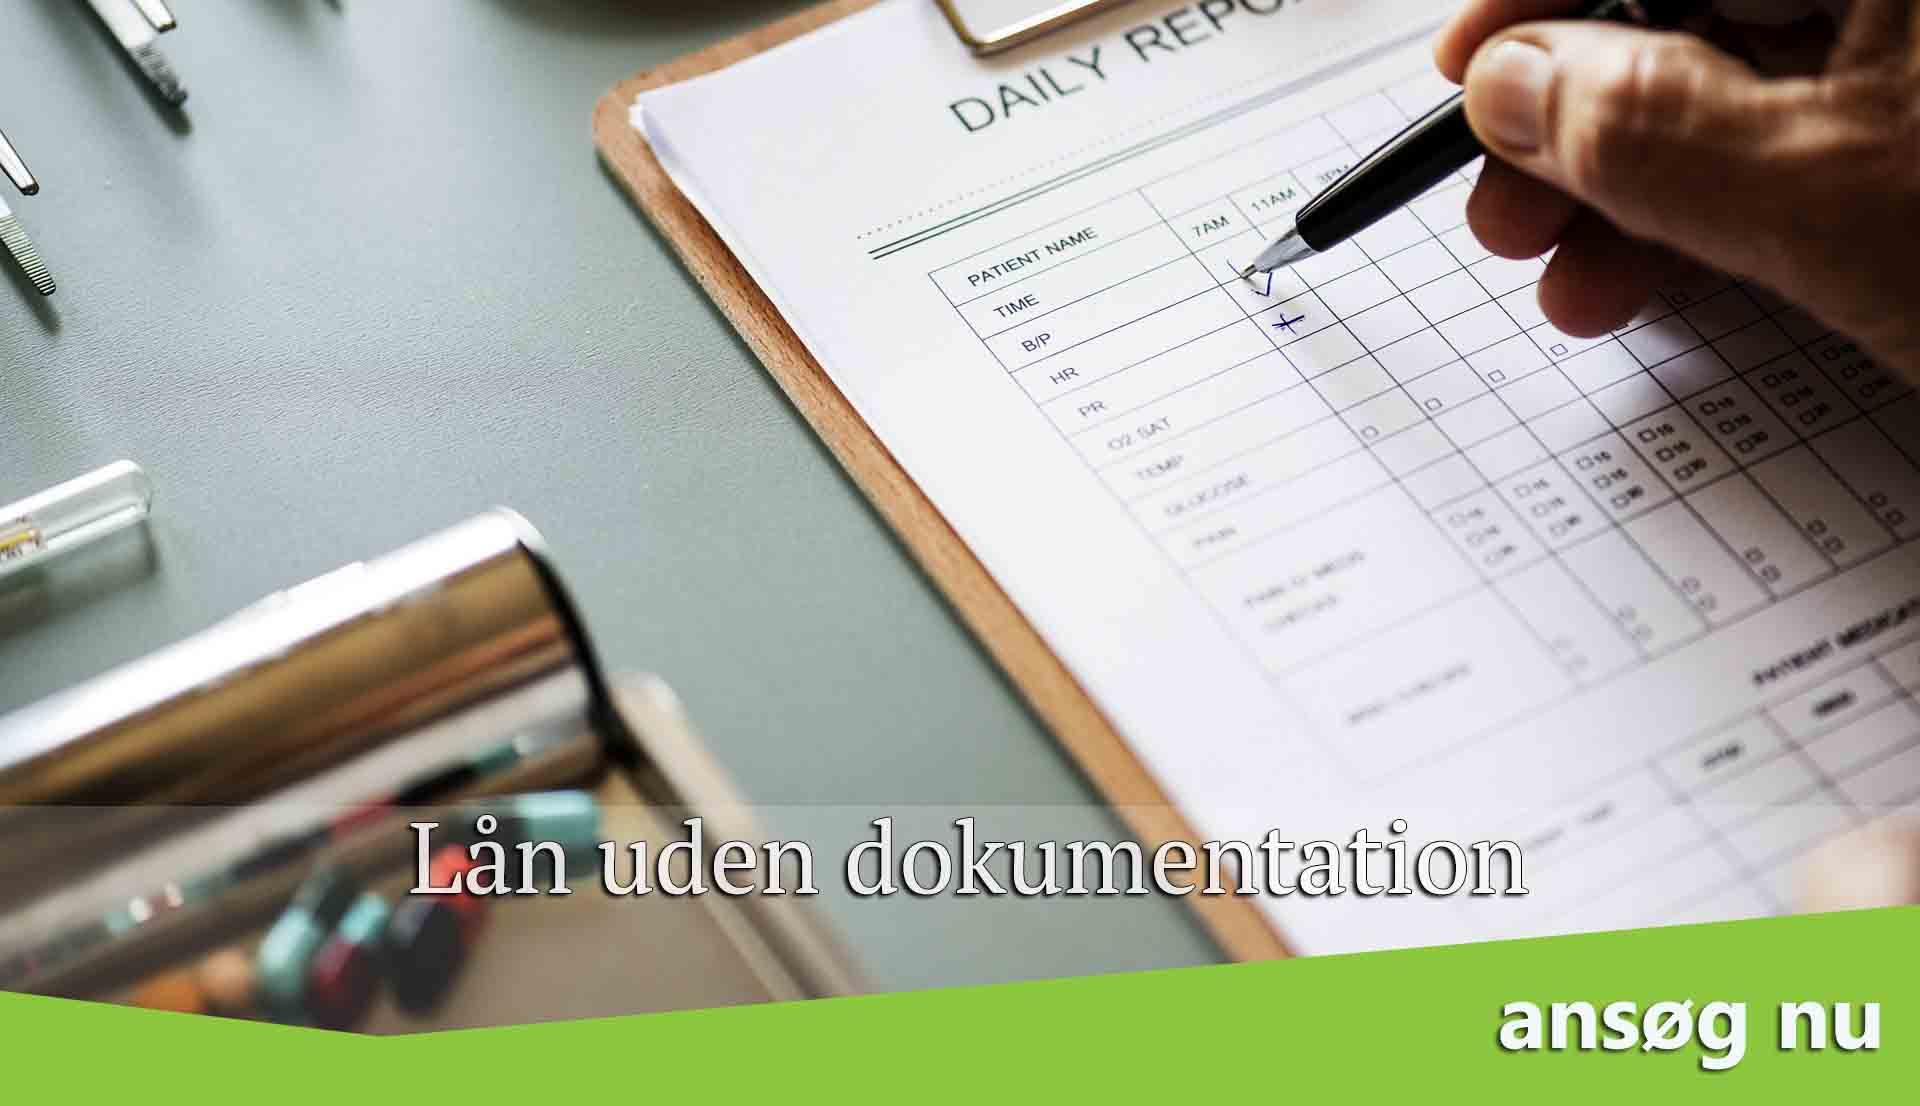 lån uden dokumentation